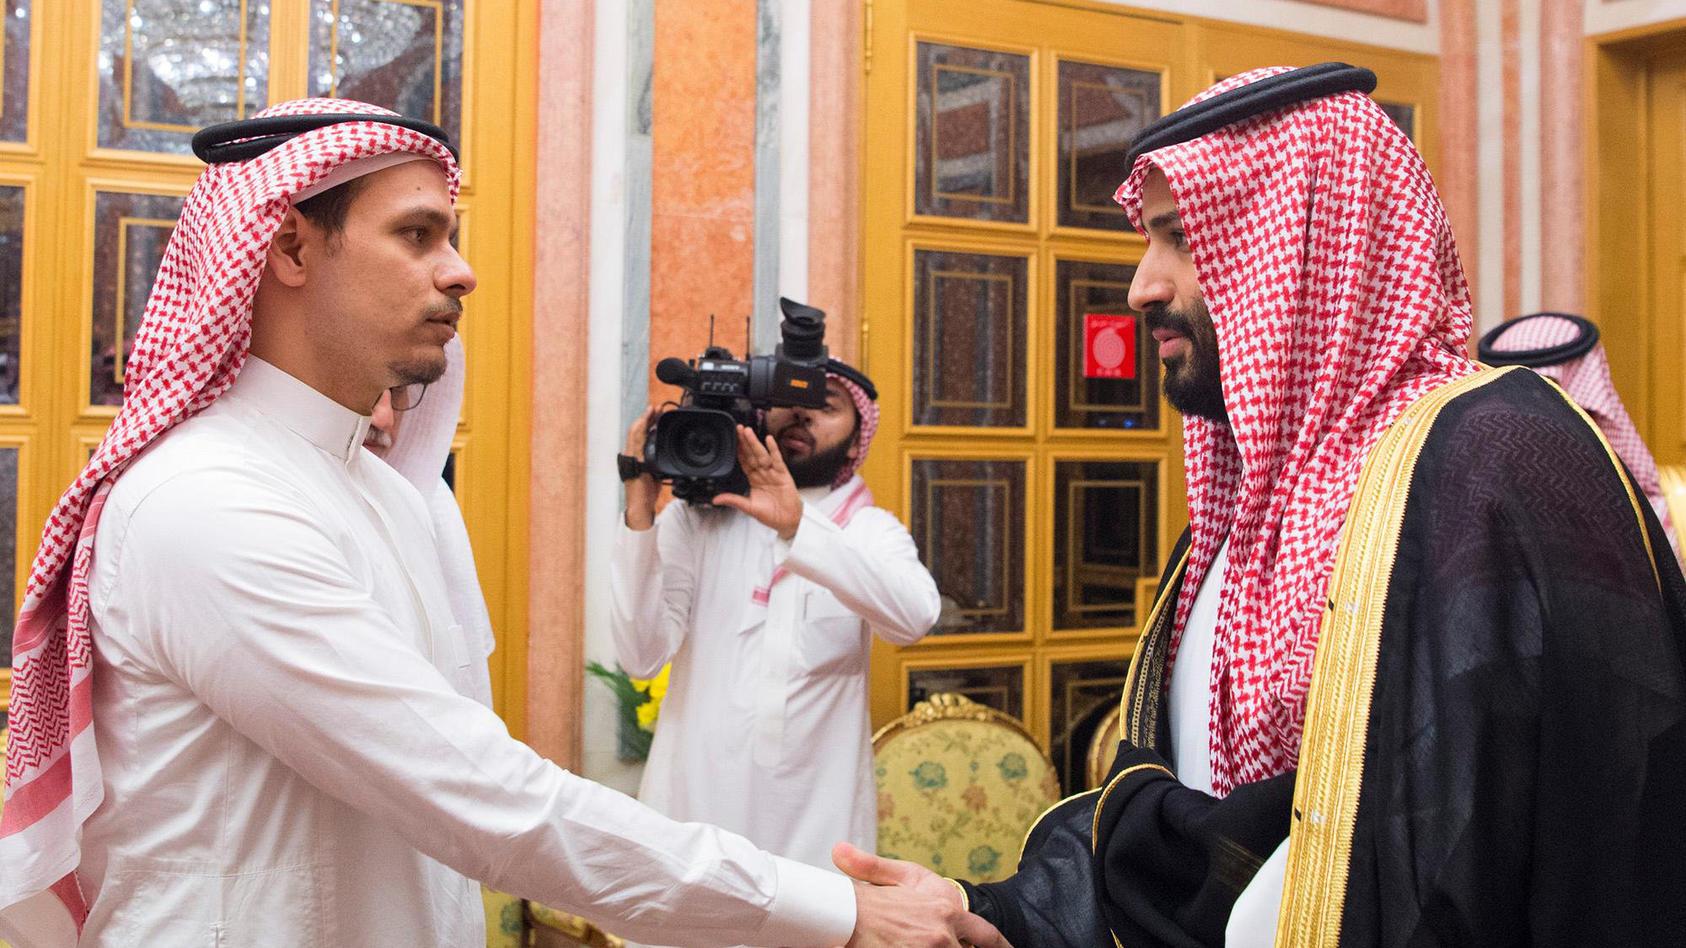 Salah Khashoggi beim saudischen Kronprinzen, der verdächtigt wird, den Mord an Jamal Khashoggi beauftragt zu haben.